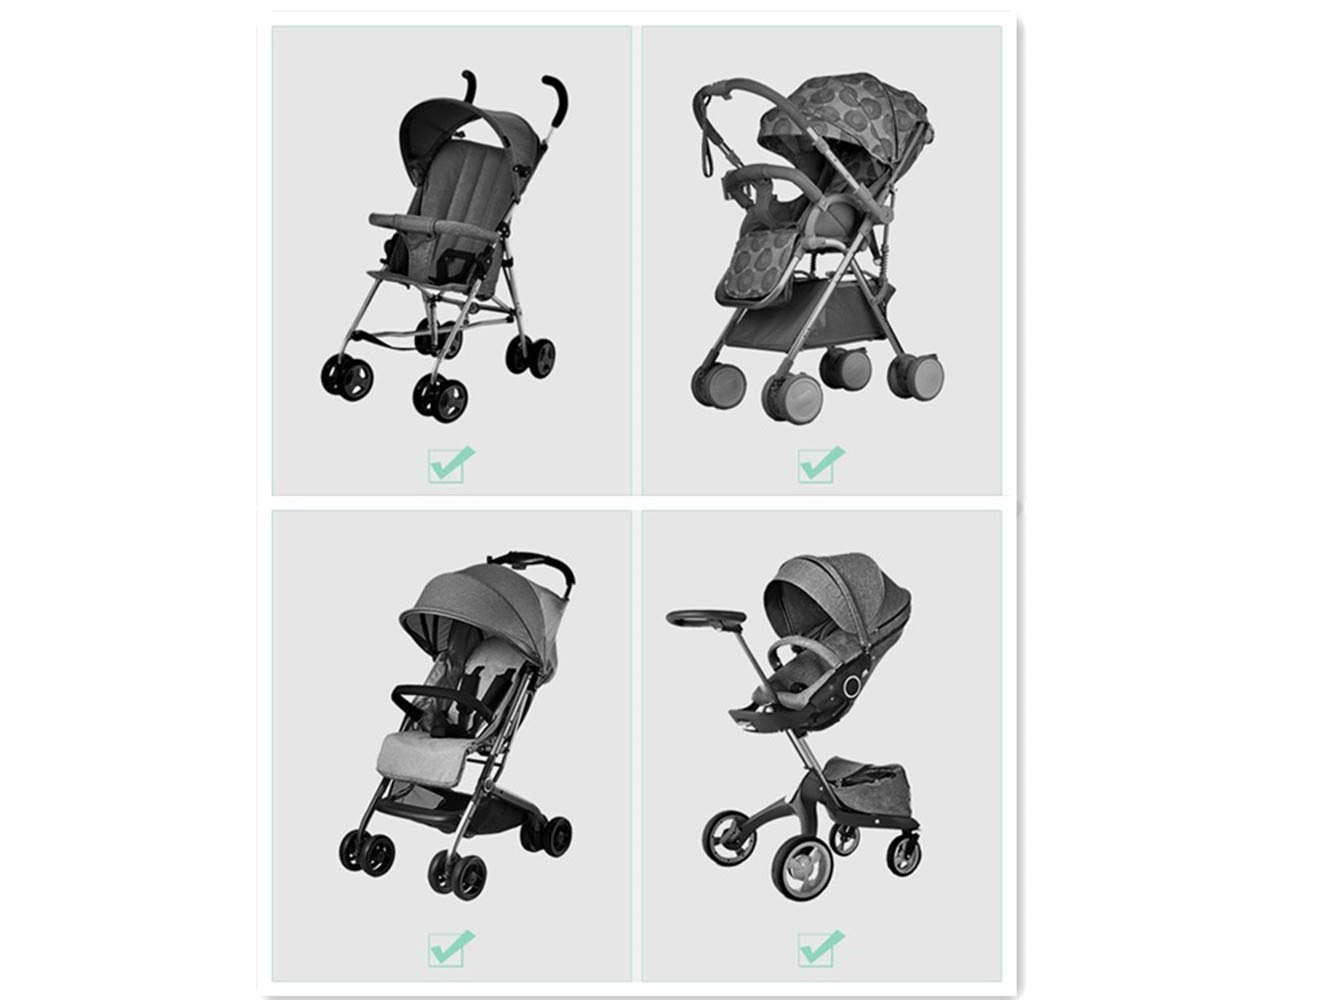 Schwarz Einkaufstaschen Kinderwagen Kinderwagen Haken Buggy Clips f/ür Baby Wickeltasche 2 St/ück Buggy Clips B/ündeln Multifunktionalen Rollstuhl Universelle Passform Fahrrad